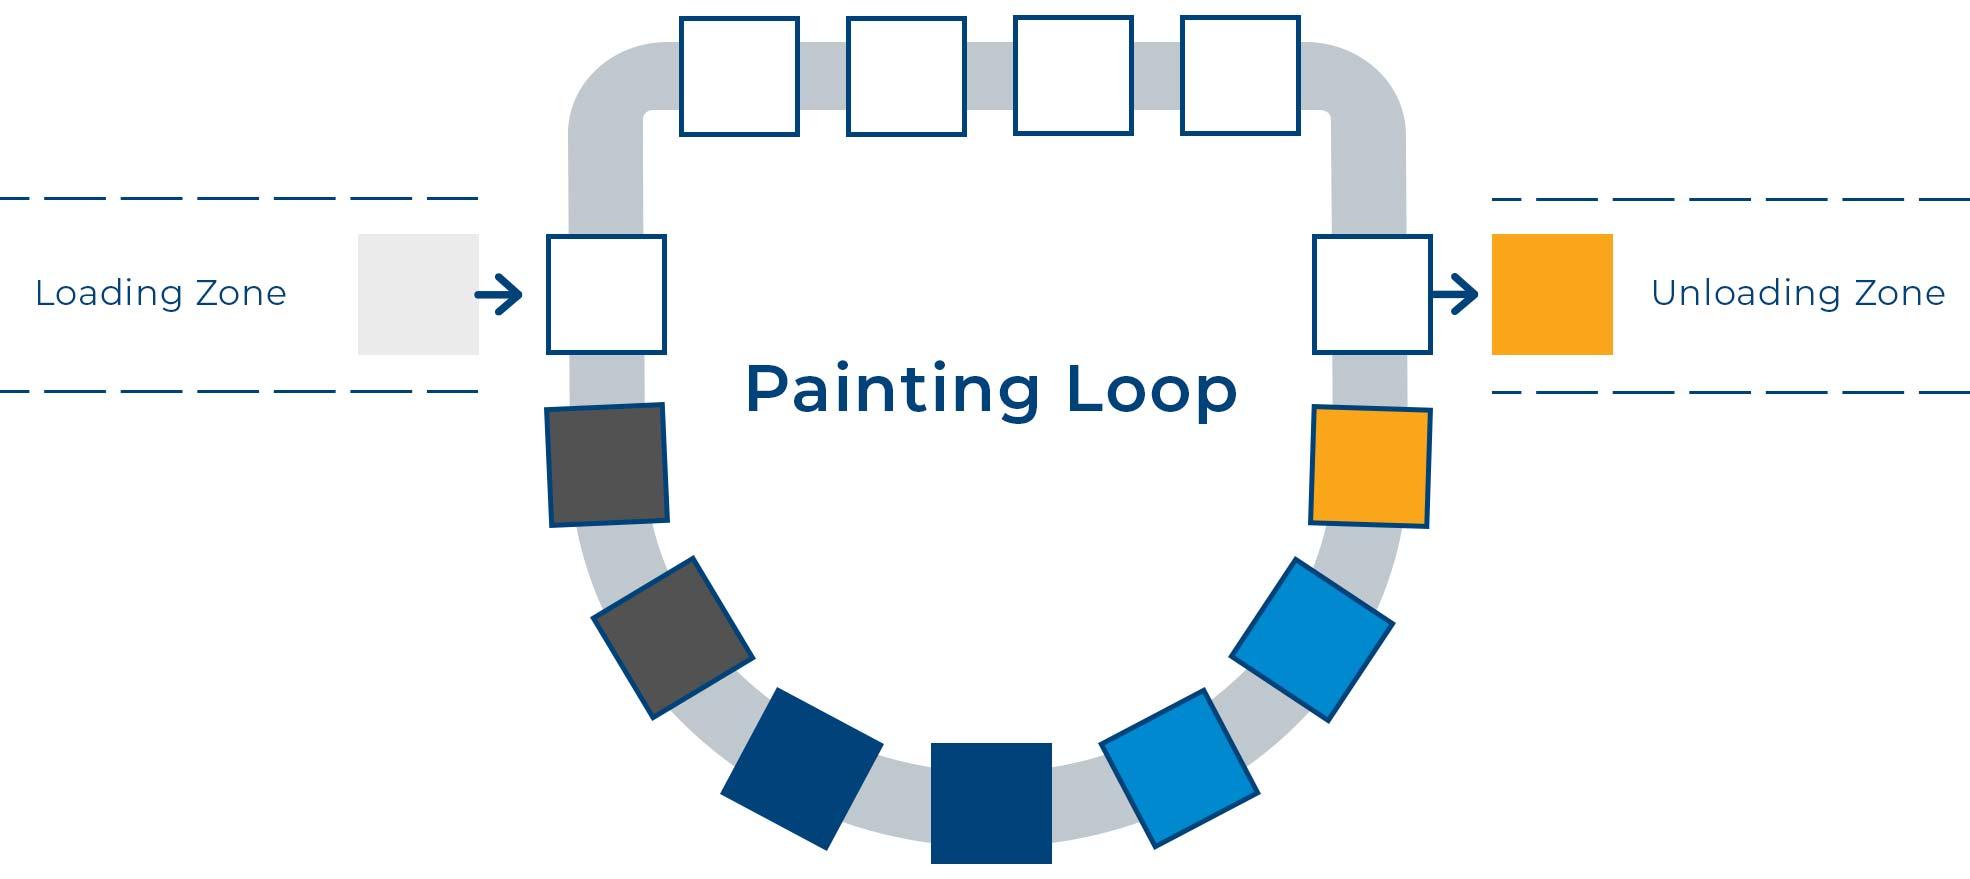 Painting loop description process